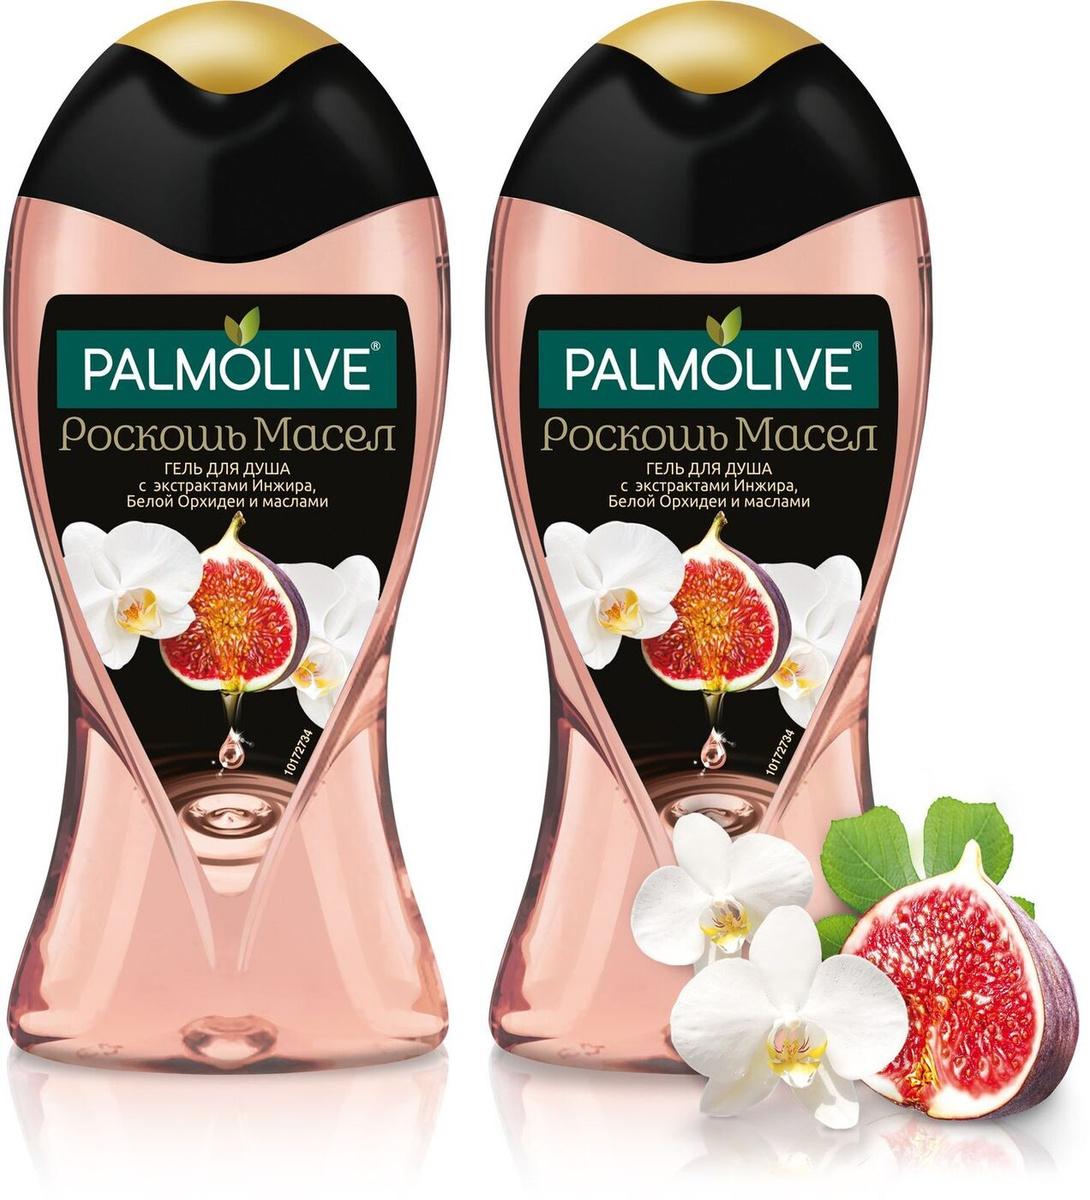 Palmolive Гель для душа Роскошь Масел, с экстрактами инжира, белой орхидеи и маслами, 250 мл х 2 шт  #1